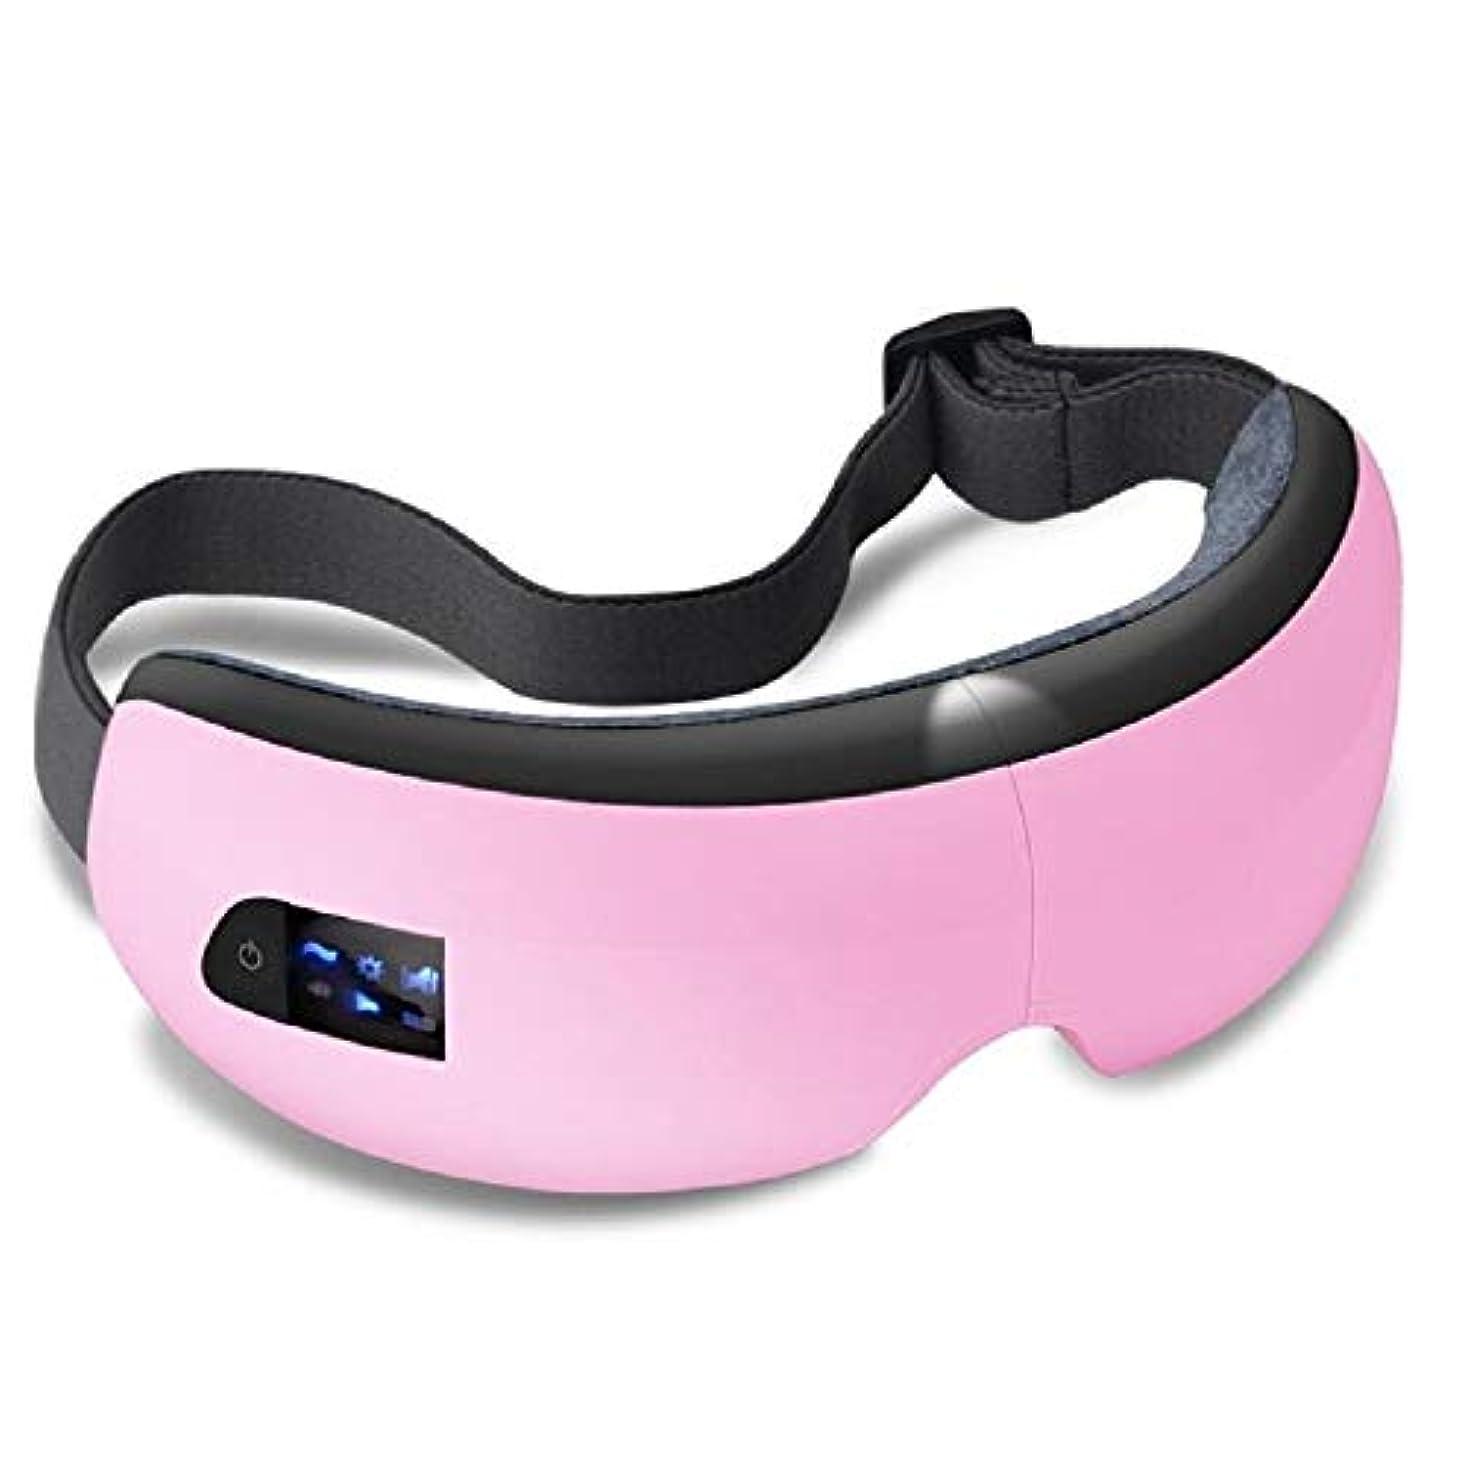 プライバシー直径嫌なMeet now ホットプレス充電式アイマッサージャー付きのスタイリッシュなワイヤレスインテリジェント電気アイプロテクター 品質保証 (Color : Pink)